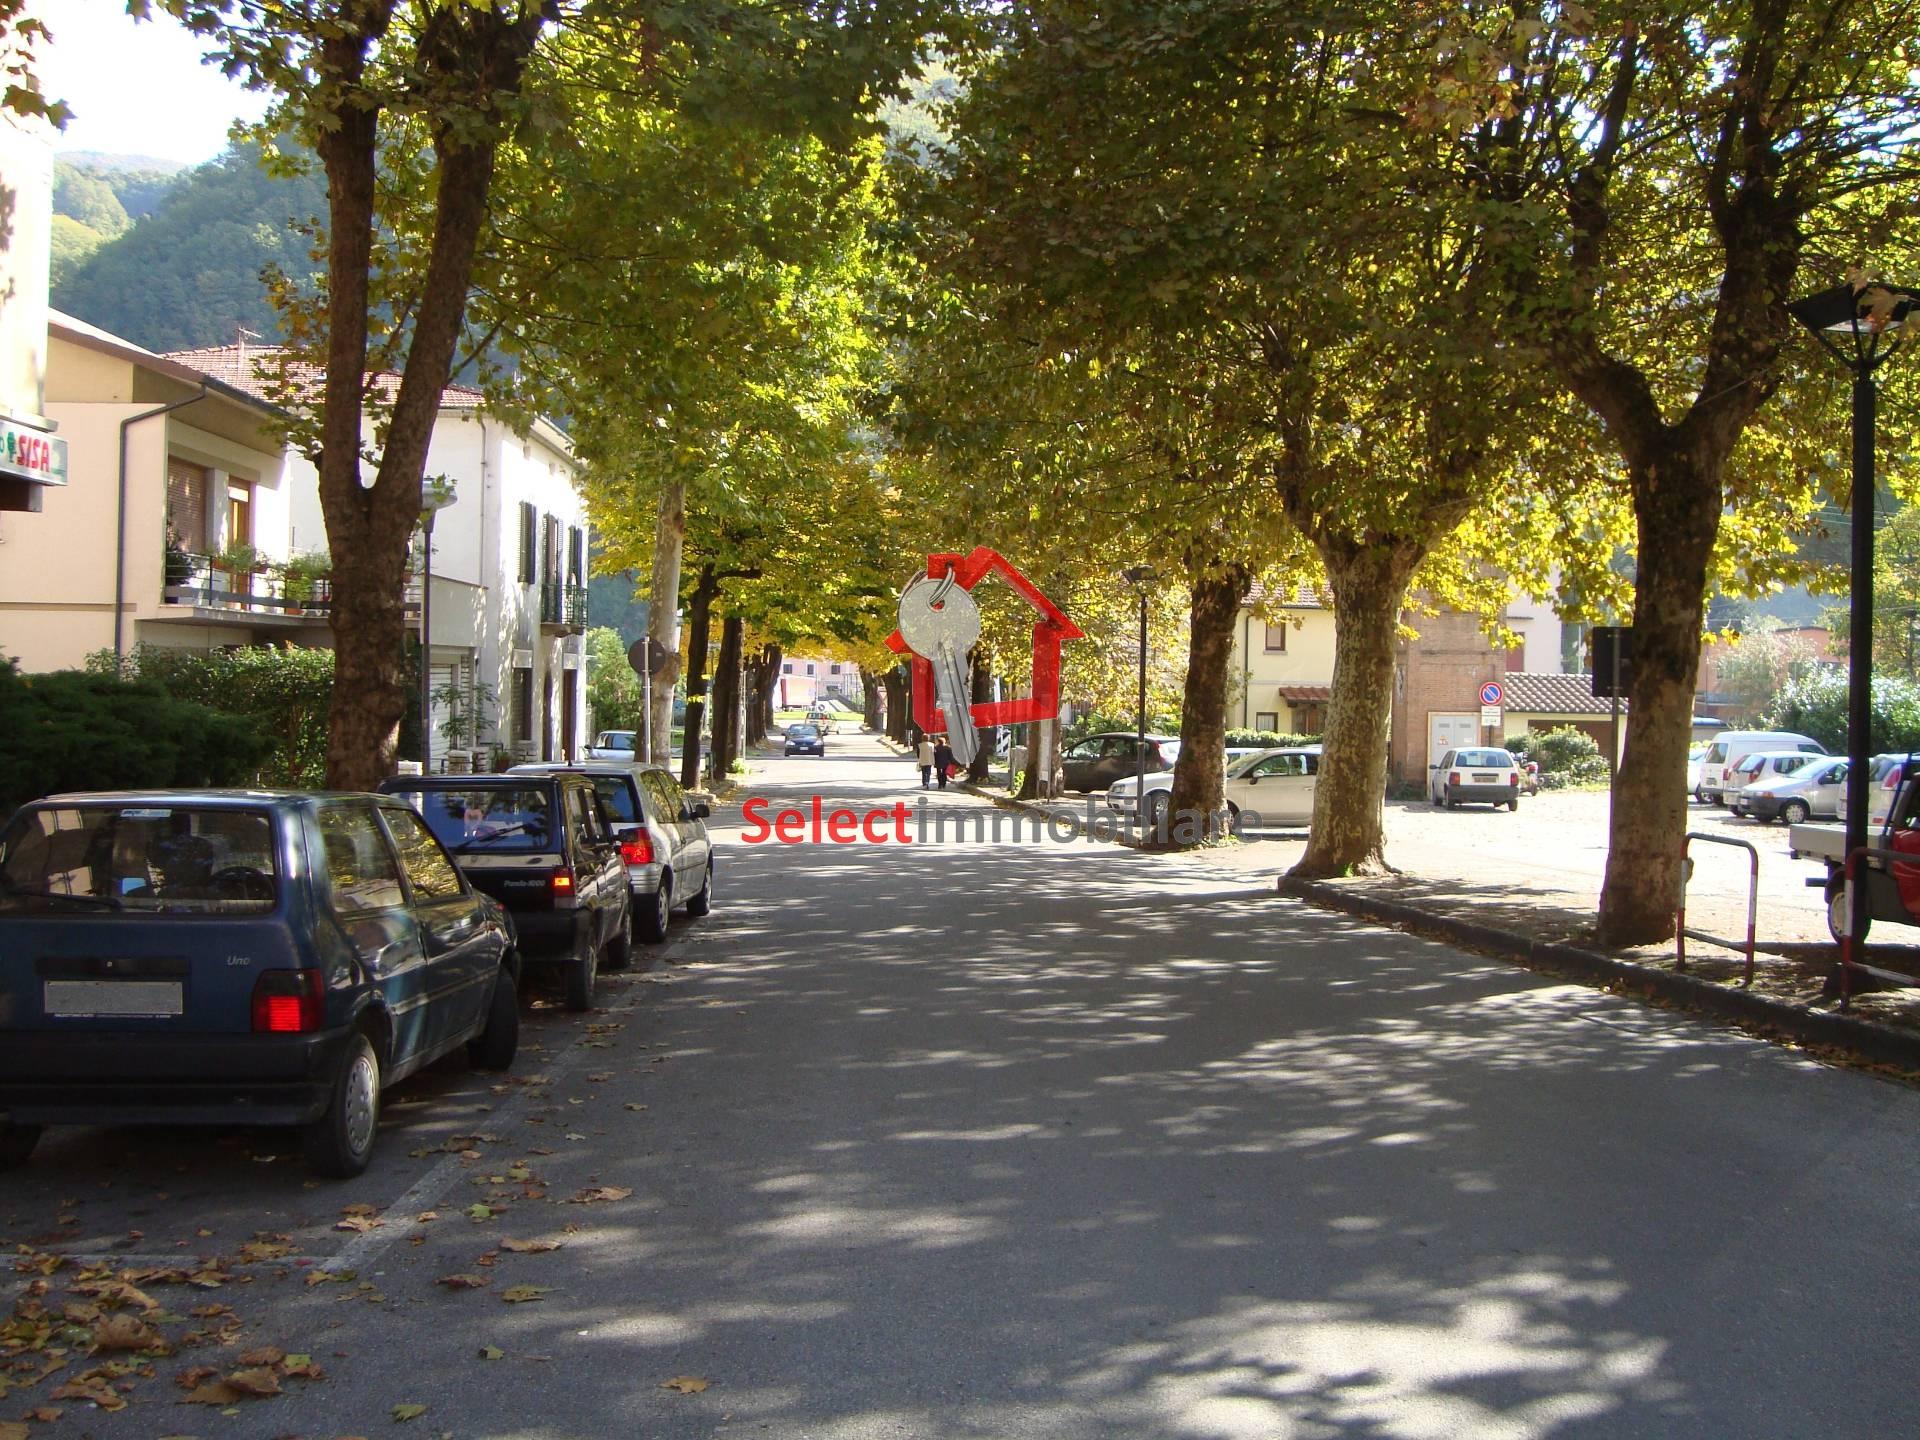 Negozio / Locale in affitto a Borgo a Mozzano, 9999 locali, zona Località: capoluogo, prezzo € 600 | Cambio Casa.it